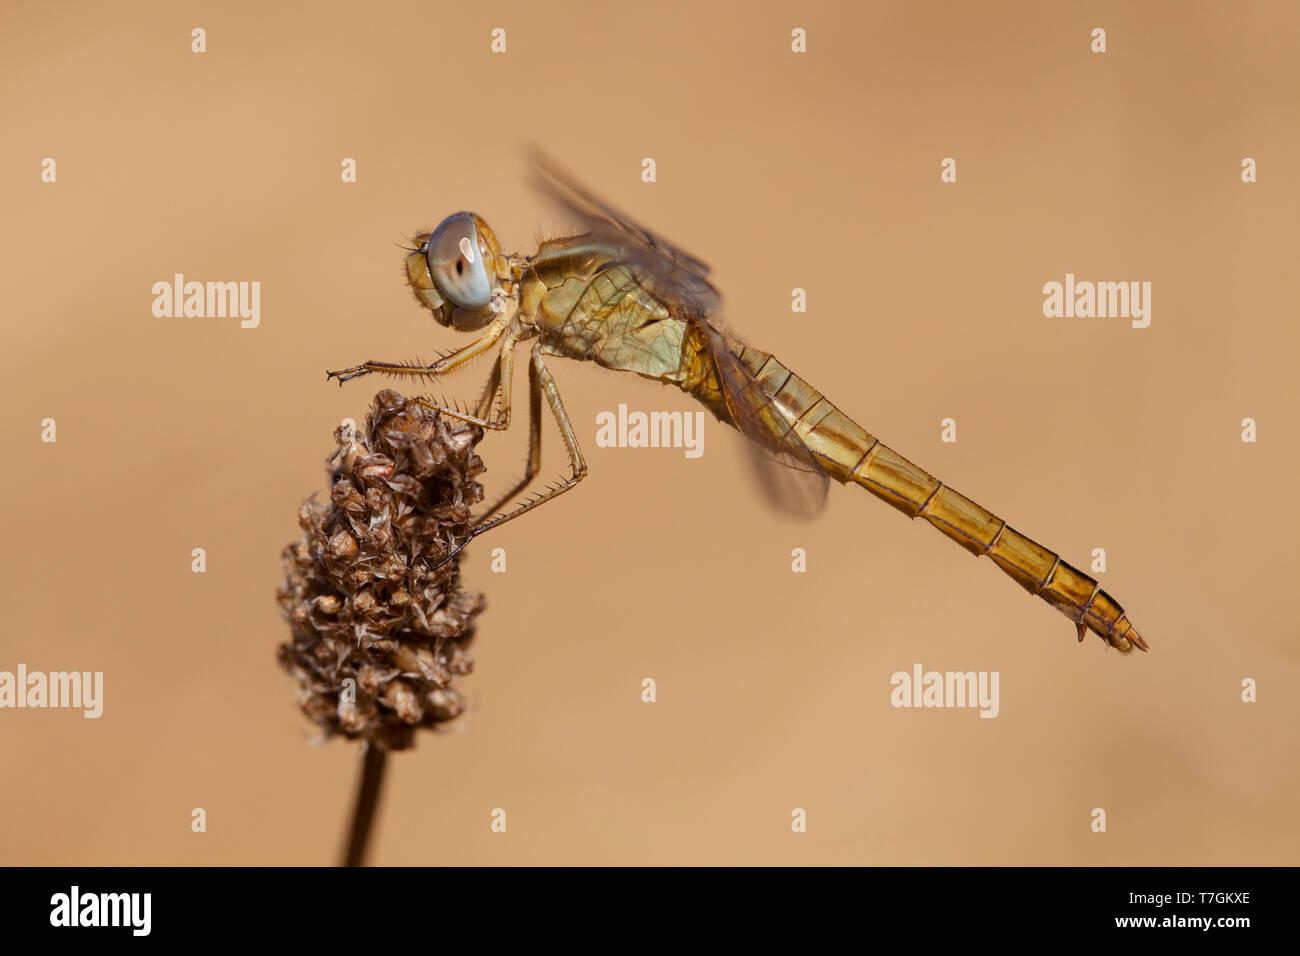 Imago Vuurlibel; Adult Scarlet Darter; Adult Broad Scarlet Stock Photo